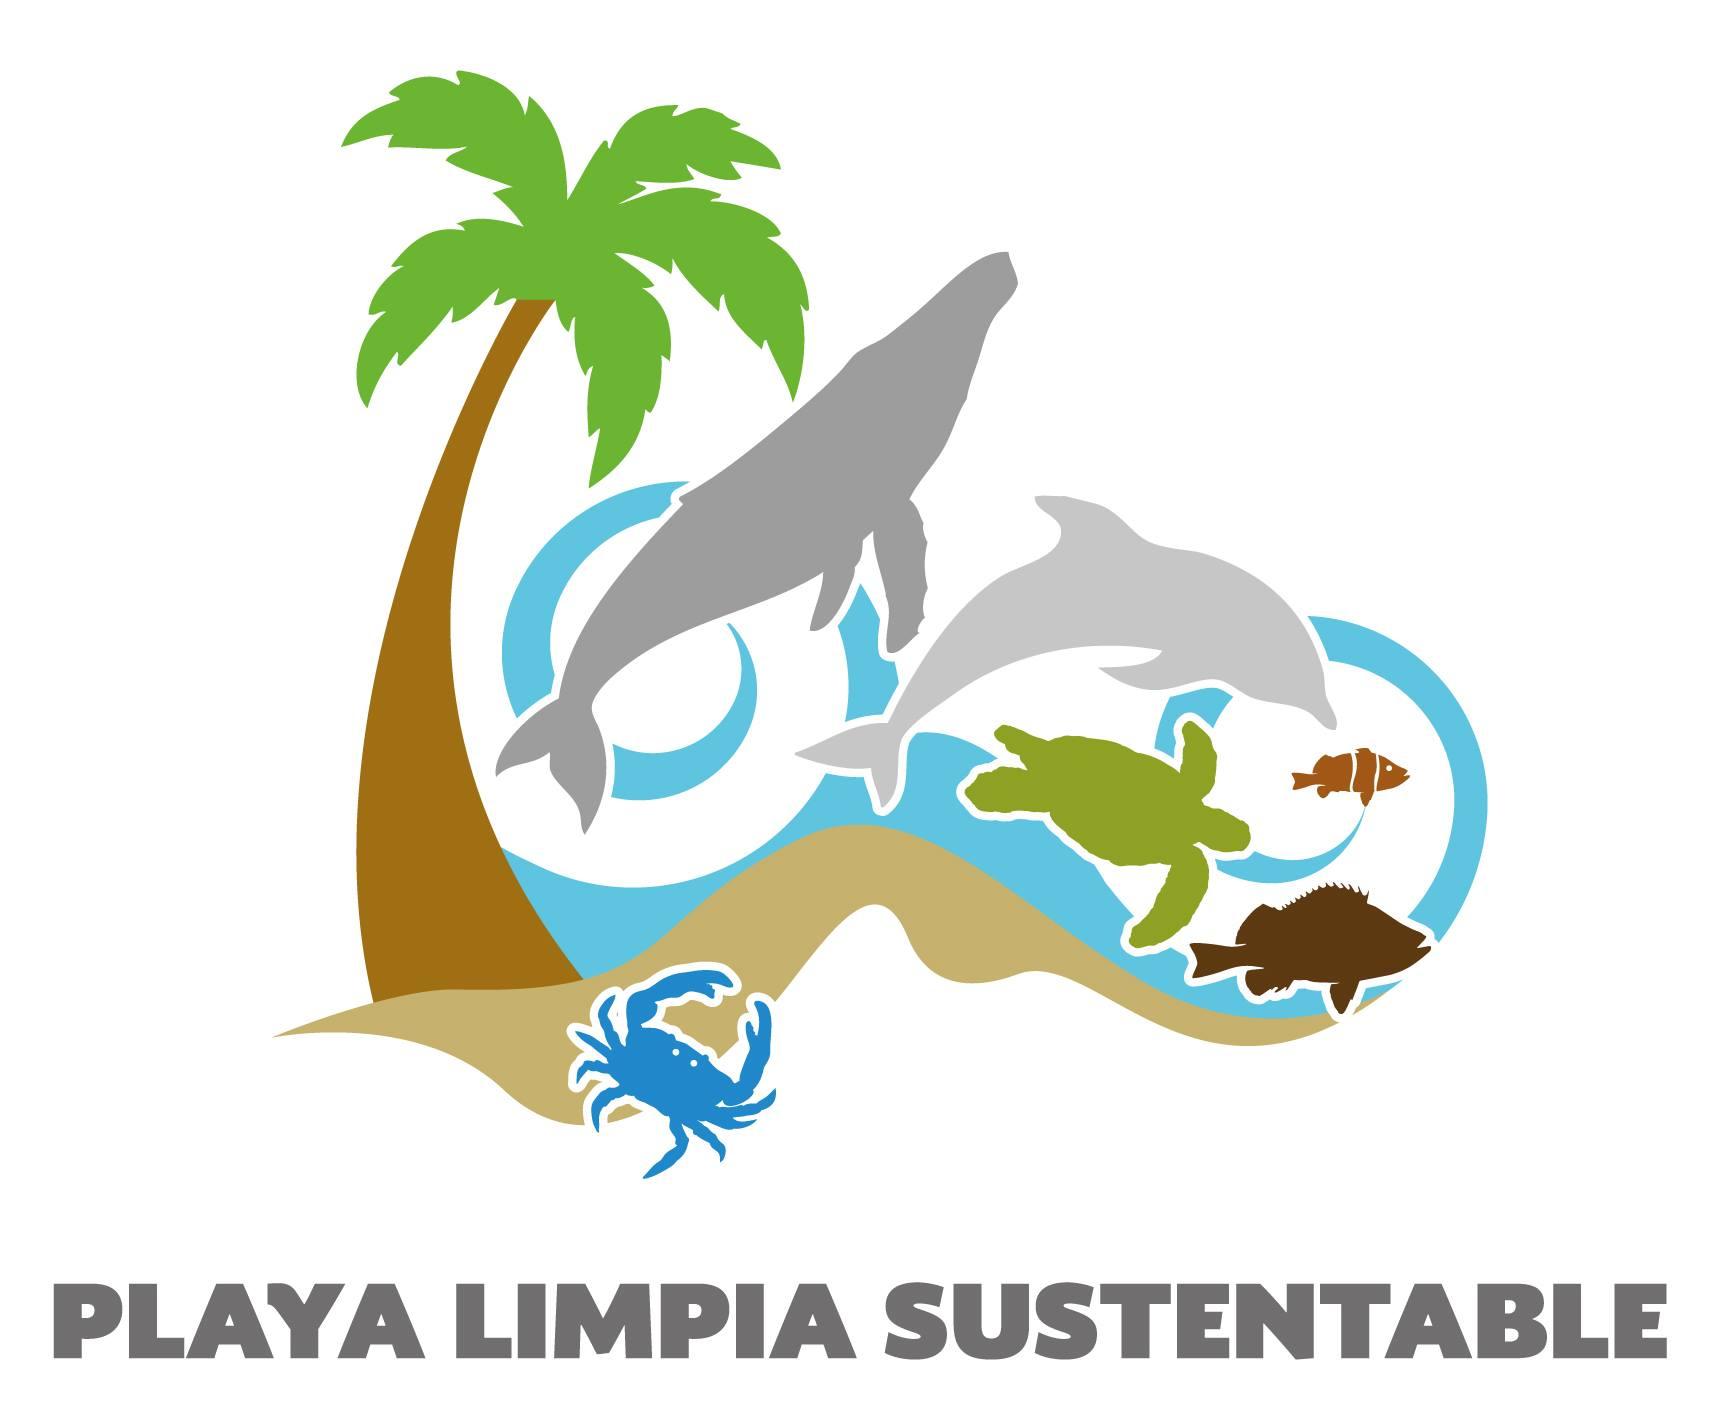 La SEMARNAT fomenta el óptimo desempeño ambiental en el sector turístico.